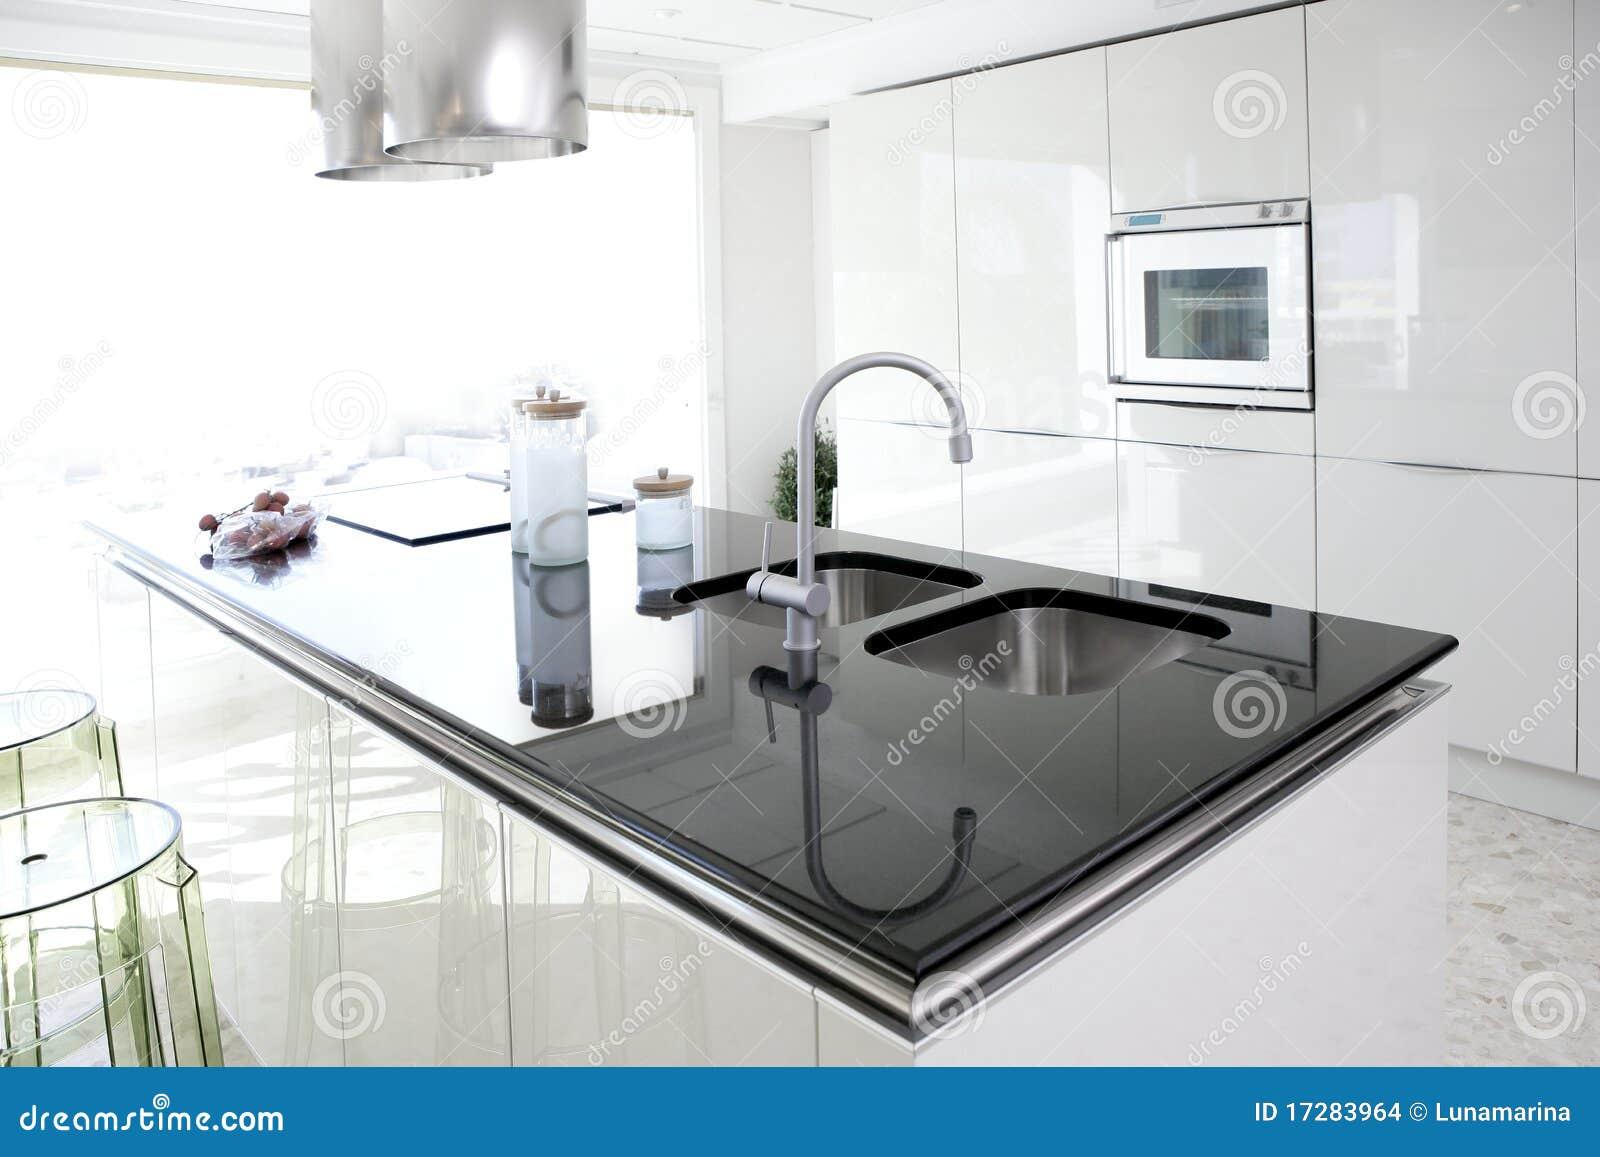 Diseno Interior Limpio De La Cocina Blanca Moderna Foto De Archivo - Cocina-blanca-moderna